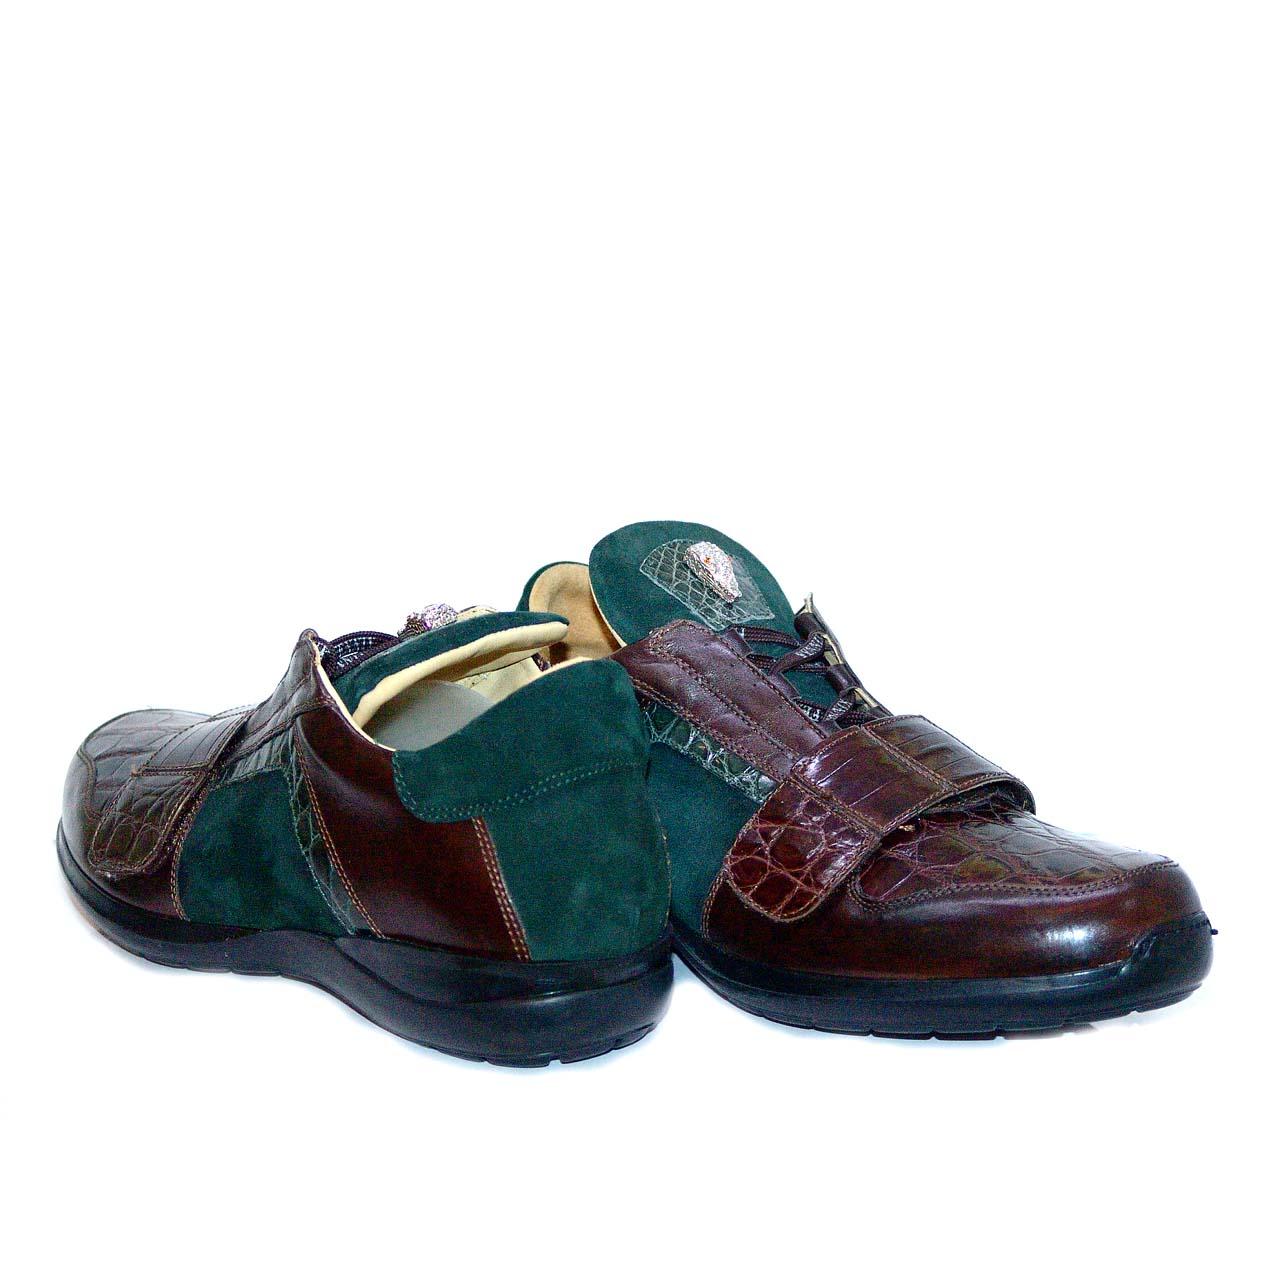 Fennix 3047 Alligator & Suede Sneaker Green